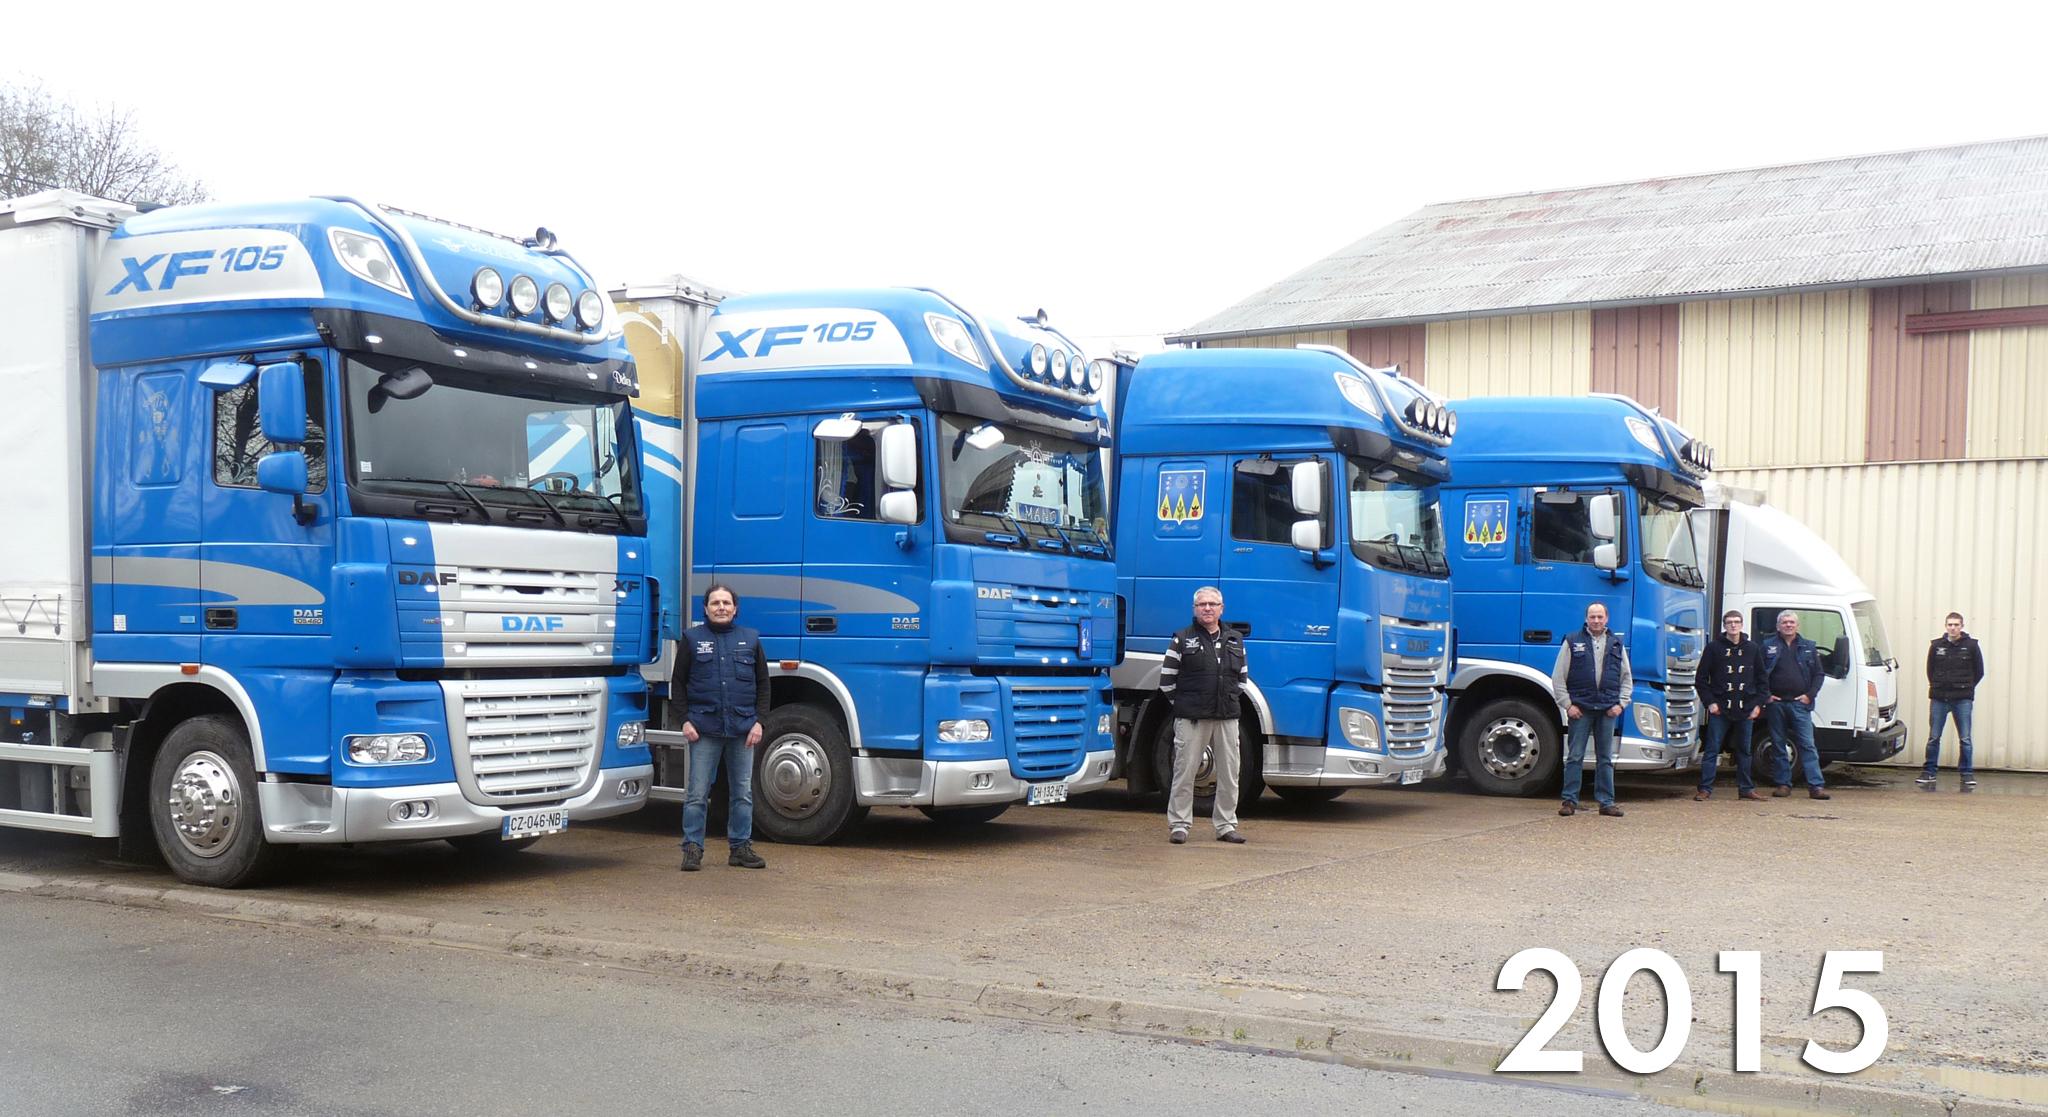 Camions-remorques Région parisienne vers Sarthe